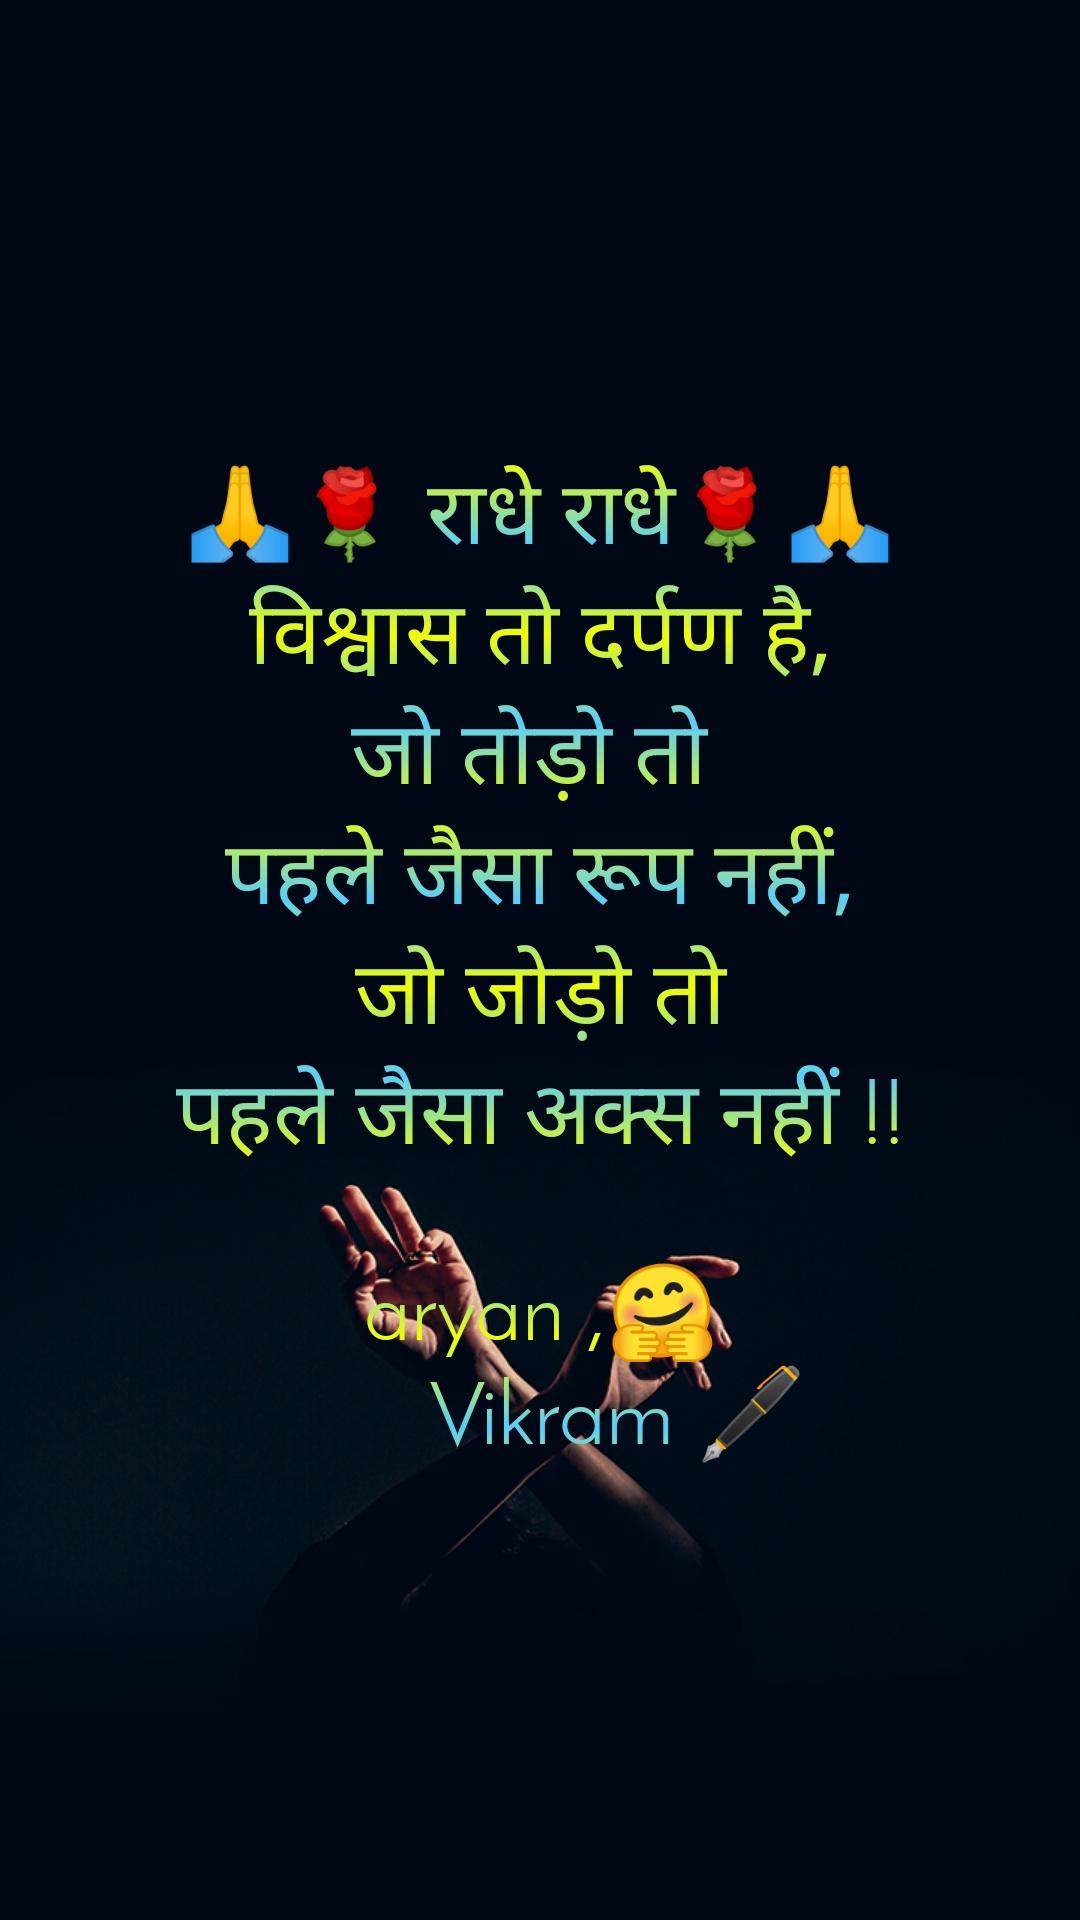 🙏🌹 राधे राधे🌹🙏 विश्वास तो दर्पण है, जो तोड़ो तो  पहले जैसा रूप नहीं, जो जोड़ो तो पहले जैसा अक्स नहीं !!  aryan ,🤗        Vikram 🖋